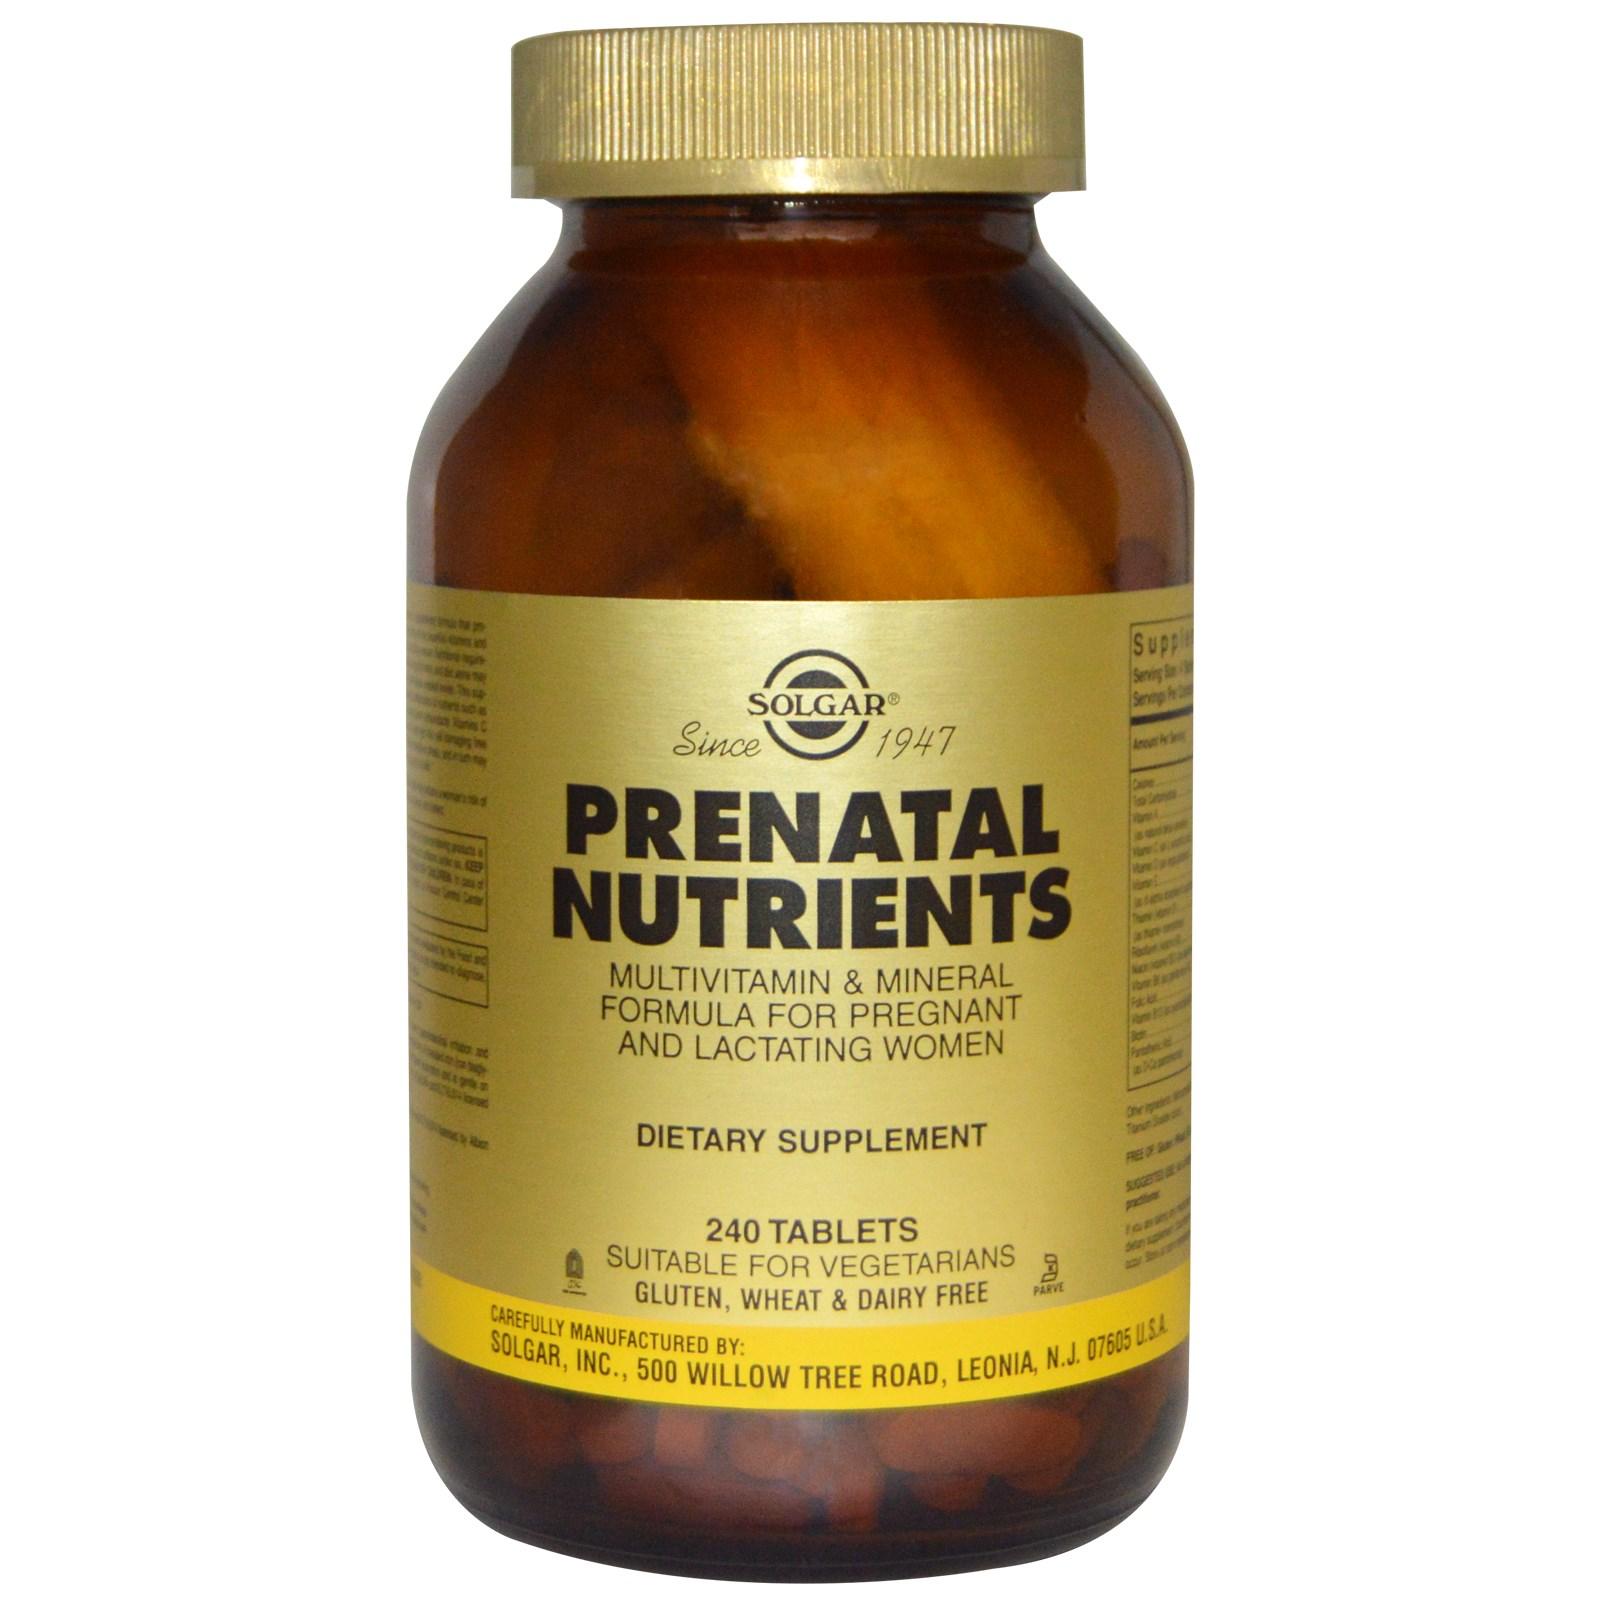 Vitamin tổng hợp, dinh dưỡng và khoáng chất dành cho bà bầu hiệu Solgarl, lọ 240 nén